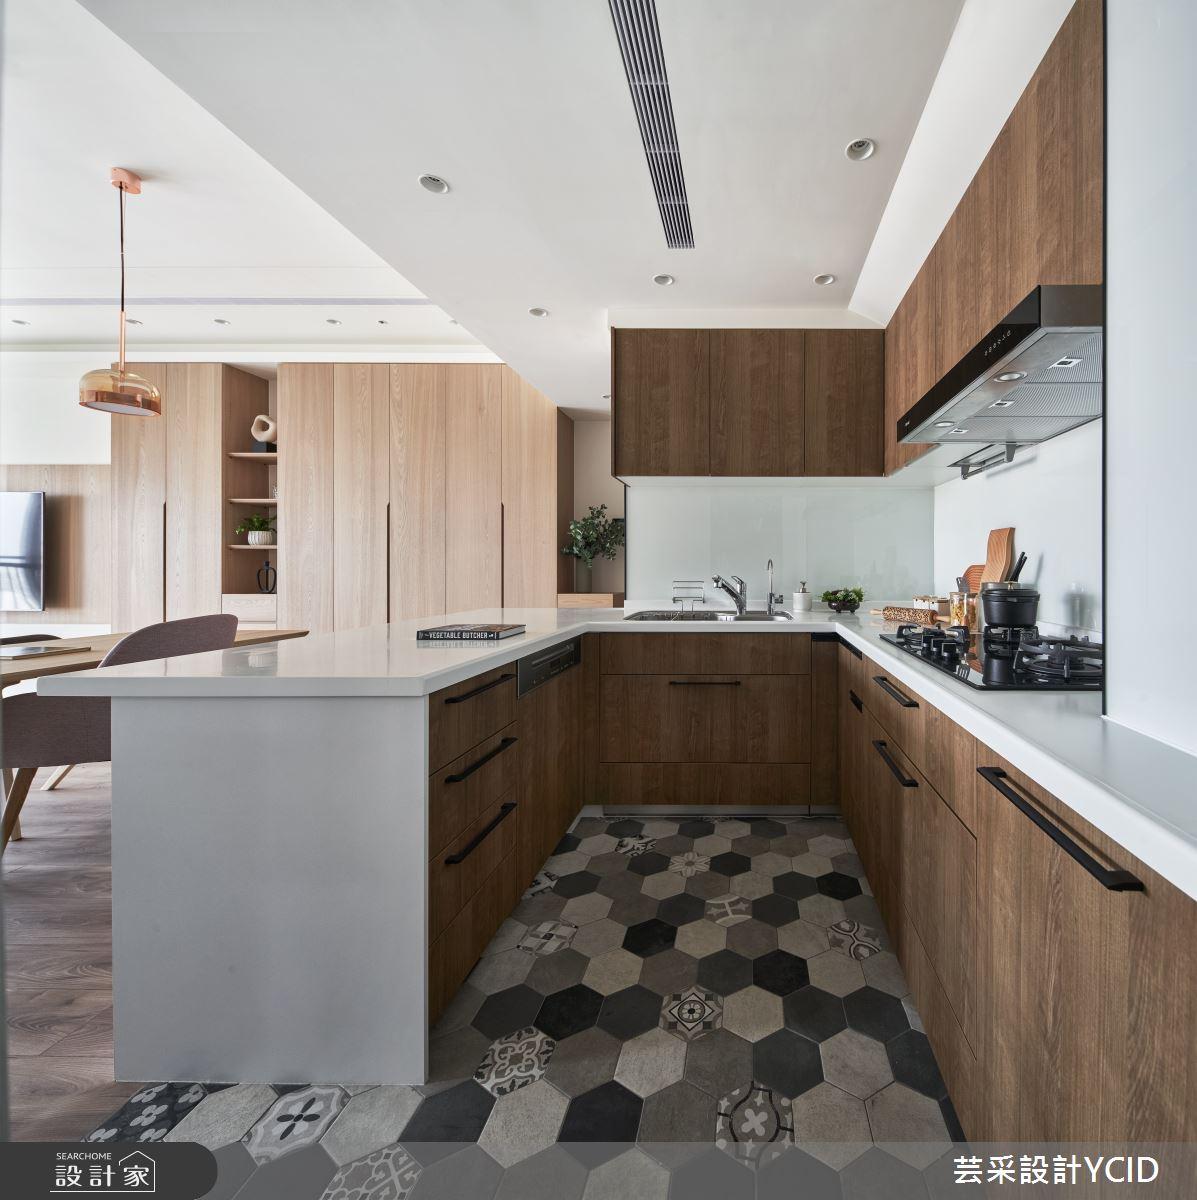 45坪新成屋(5年以下)_混搭風案例圖片_芸采創意空間設計公司_芸采_14之11